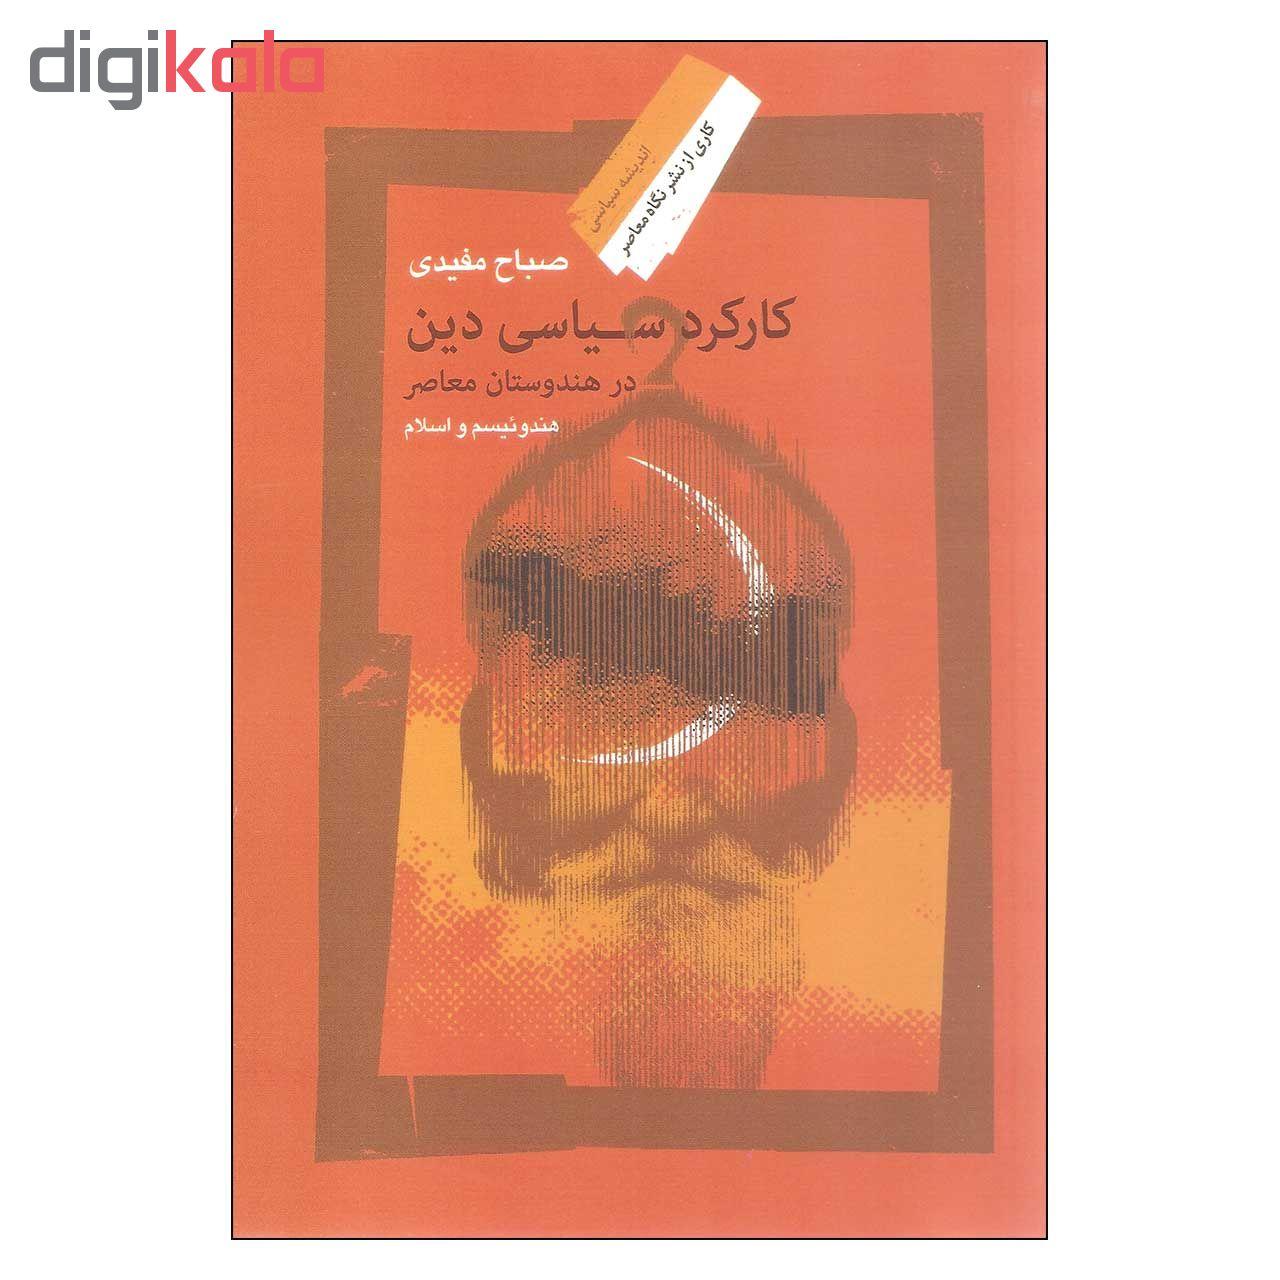 کتاب کارکرد سیاسی دین در هندوستان معاصر اثر صباح مفیدی نشر نگاه معاصر